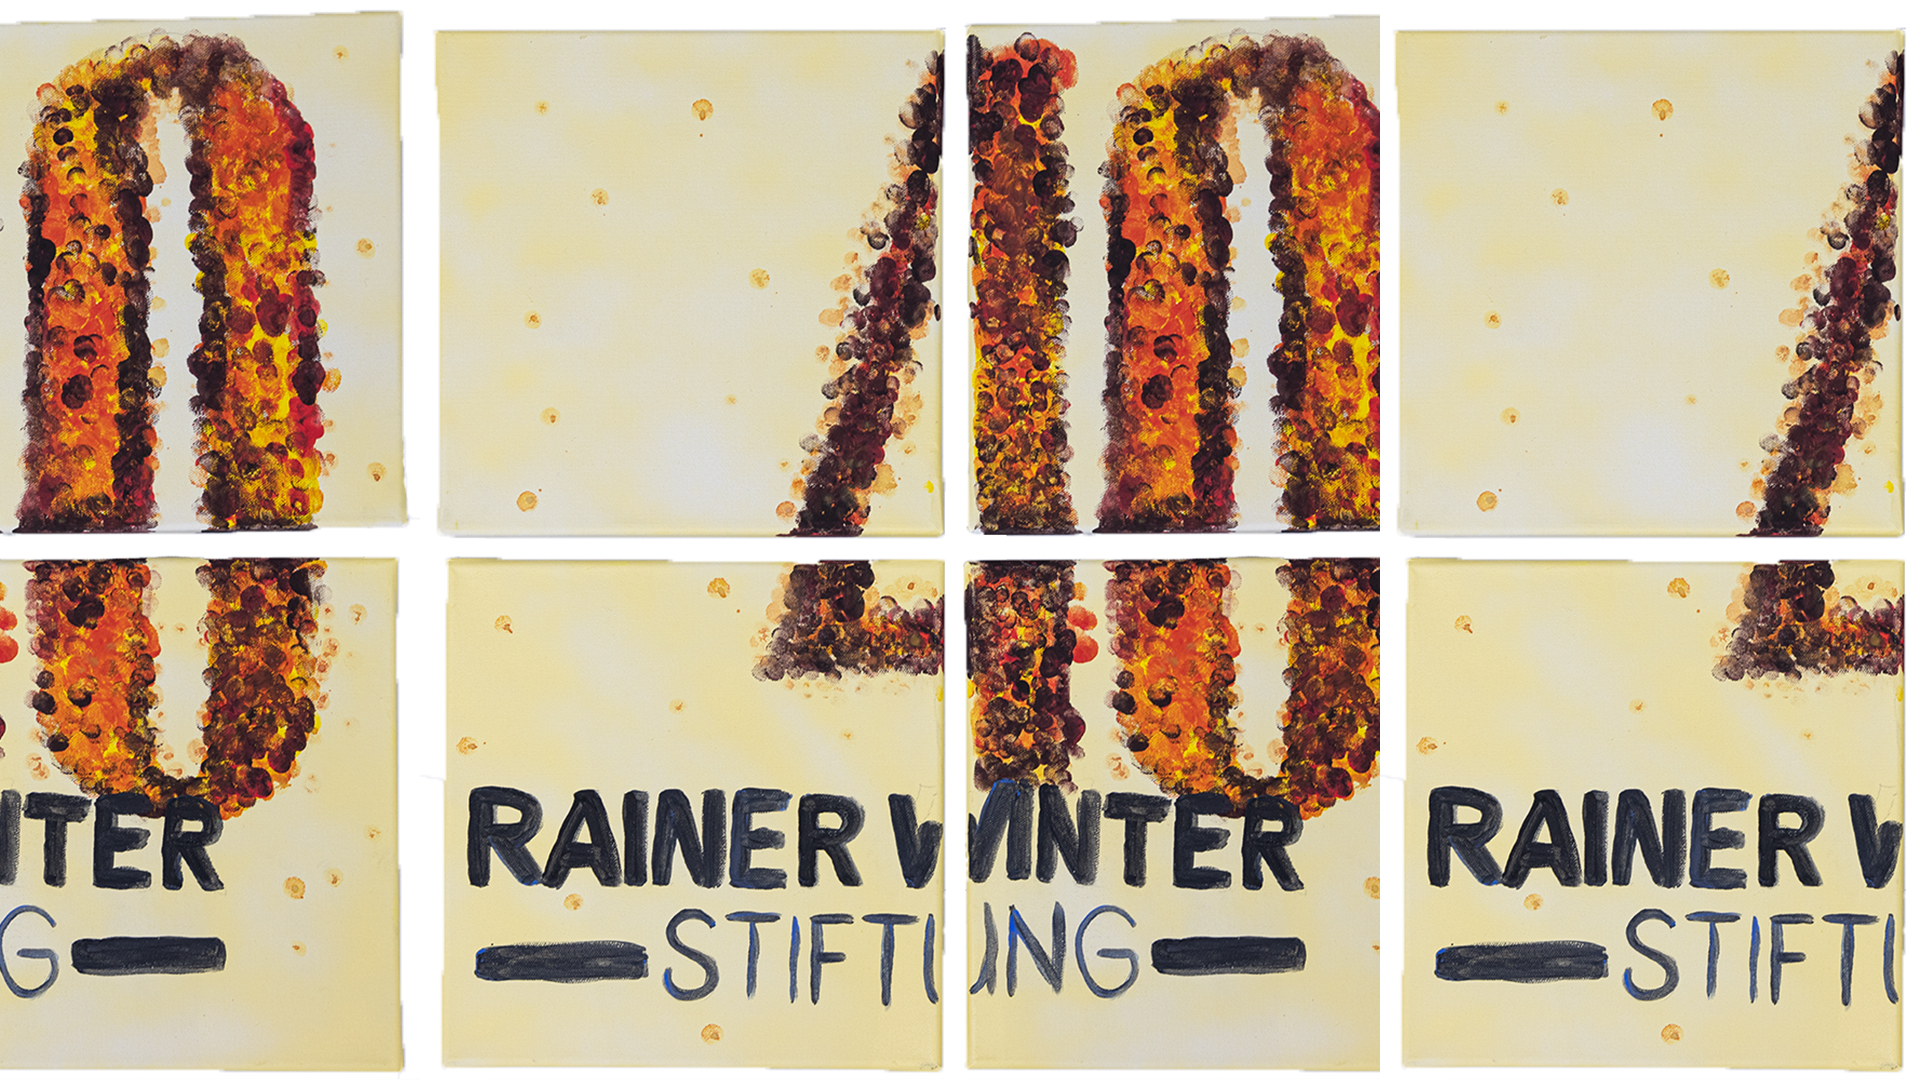 40-jahre-rainer-winter-stiftung-fürth